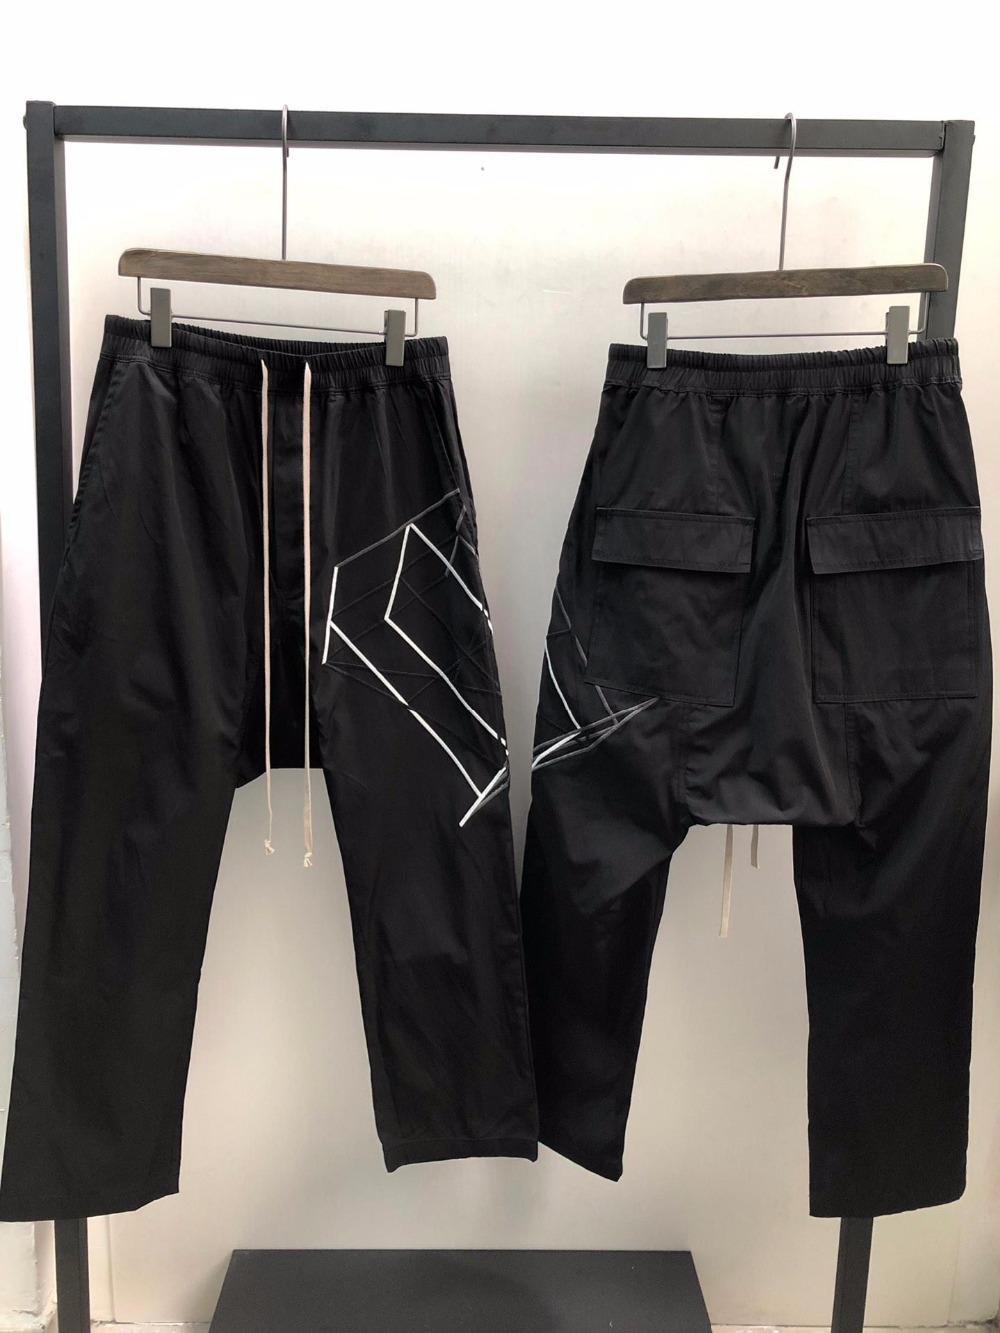 Erkek Kıyafeti'ten Harem pantolon'de Owen Seak Erkekler harem pantolon % 100% Pamuk Gotik erkek giyim Sweatpants Yaz Hafif Kadınlar Katı Gevşek Pantolon Boyutu XL'da  Grup 1